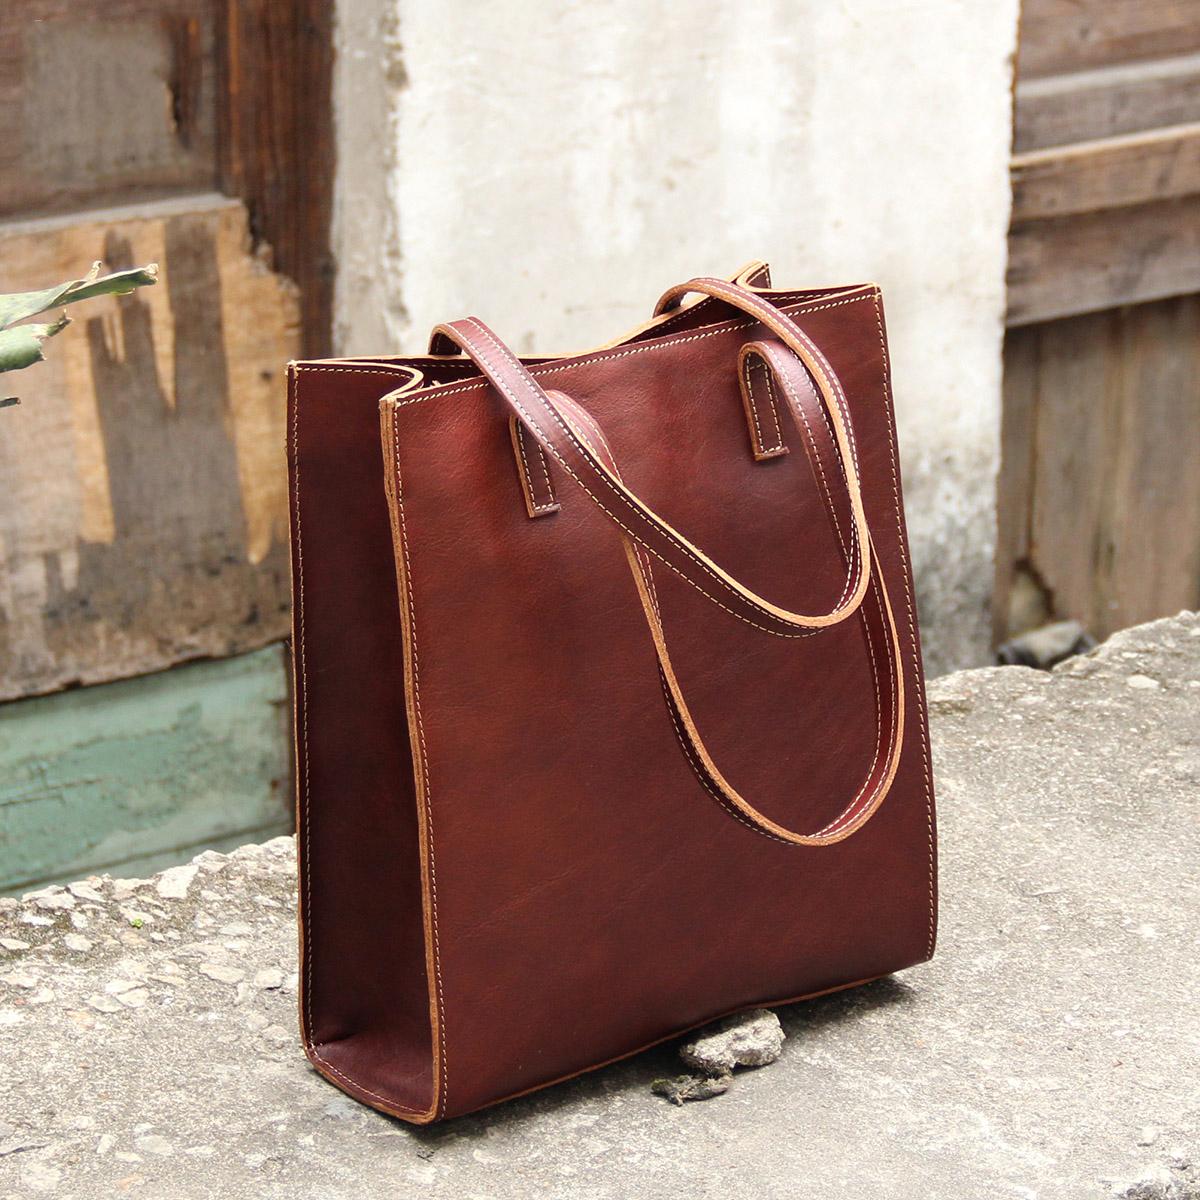 阿咖原創設計真皮簡約牛皮單肩女包歐美個性手工大包時尚手提包